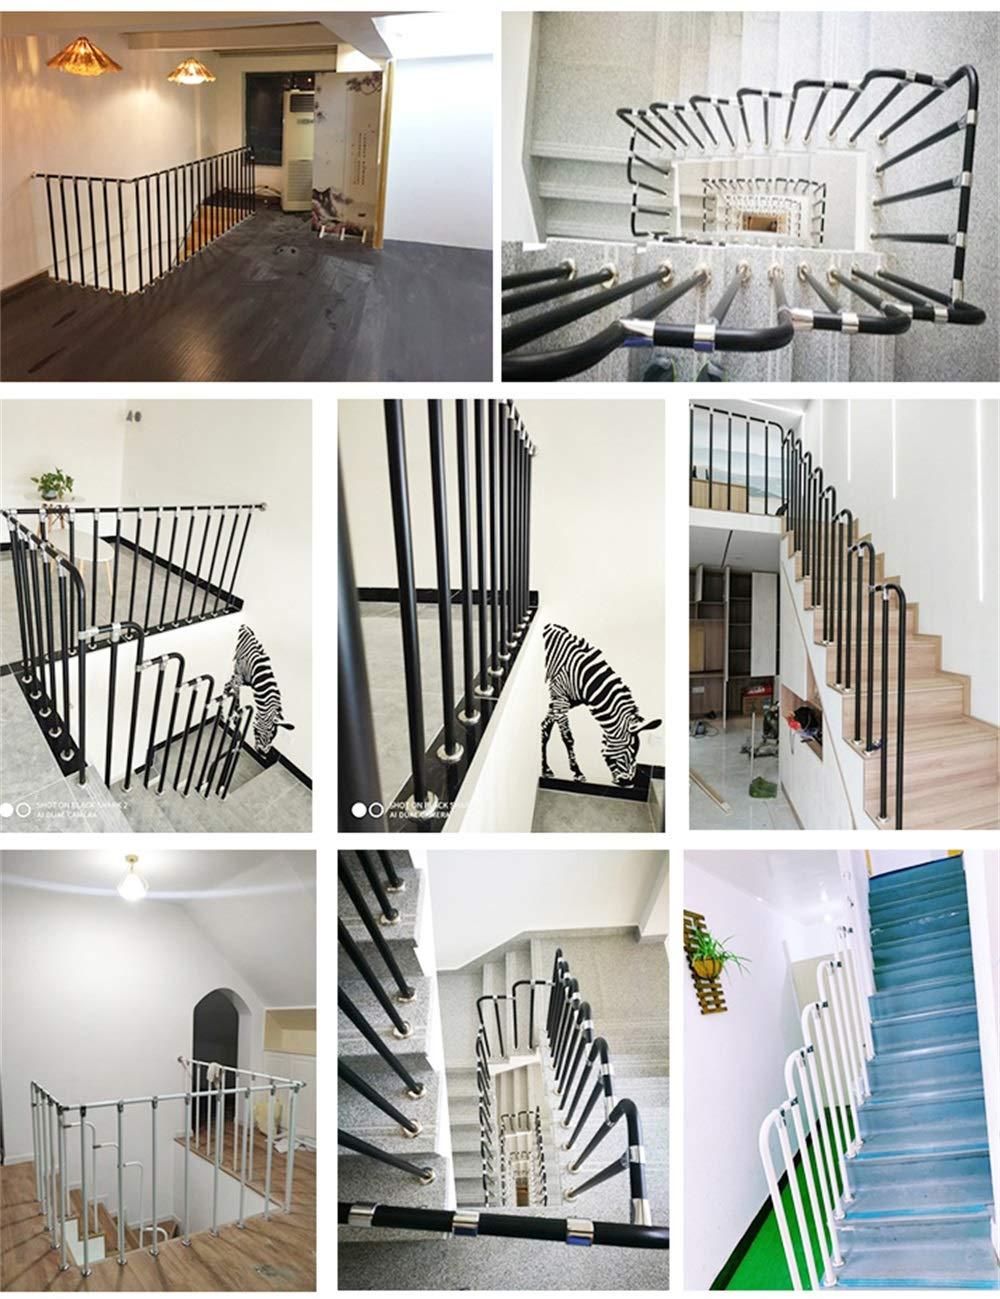 Cerca de barandilla de Tubo de Acero al Carbono Industrial para Viento Escalera Interior para el hogar YIKE-Pasamanos Barandilla de Escalera Negra con Forma de 7 D Puede Personalizarse